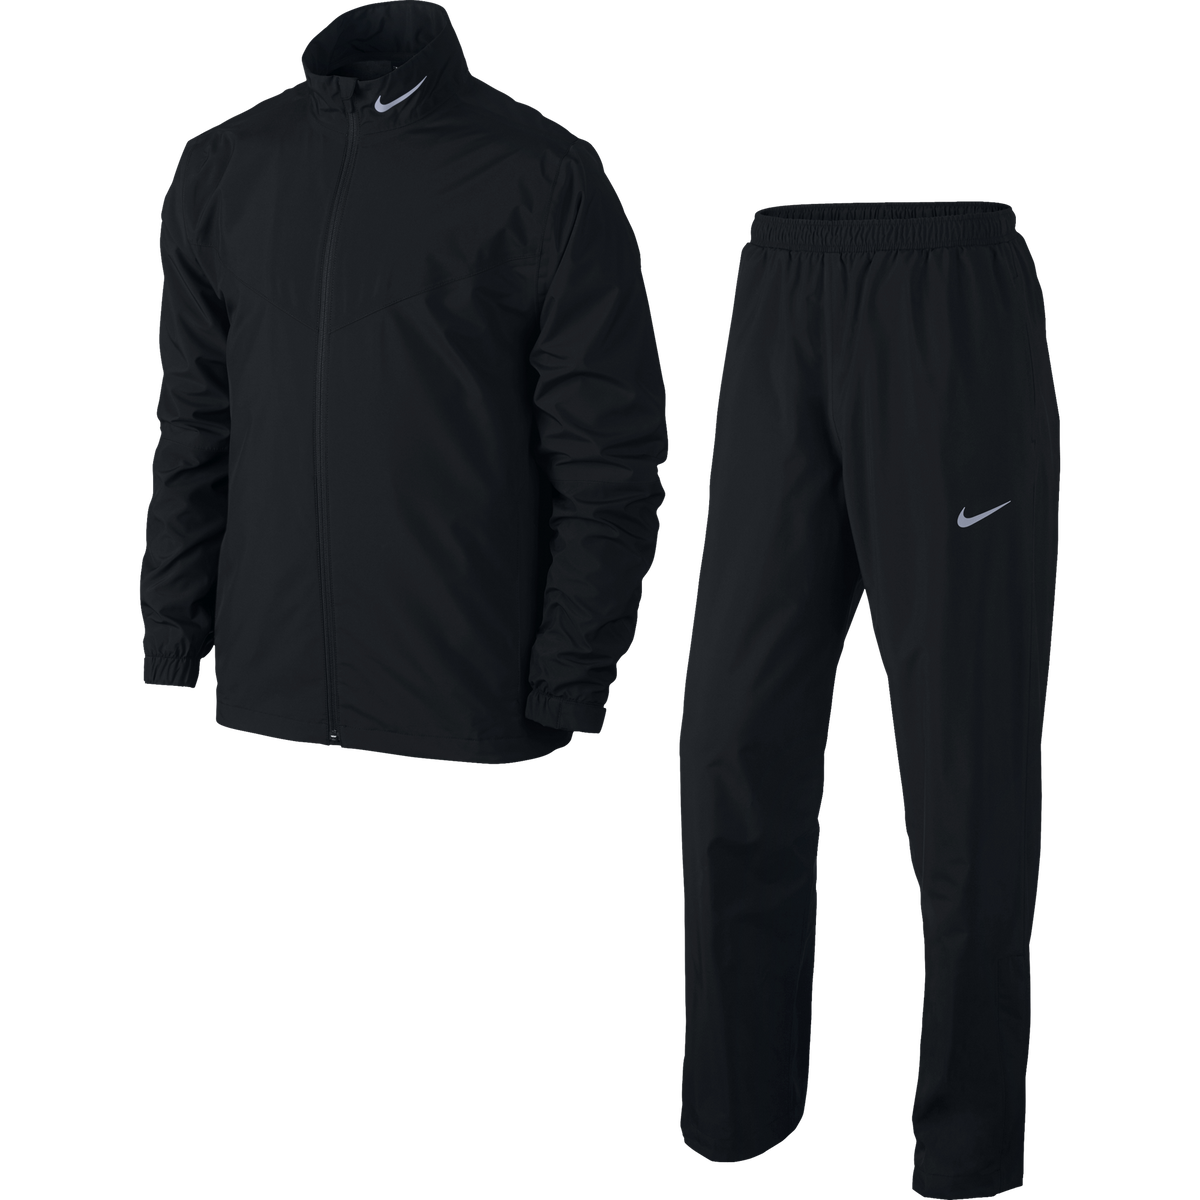 Nike Storm Fit Rain Suit f26b8aef60f5